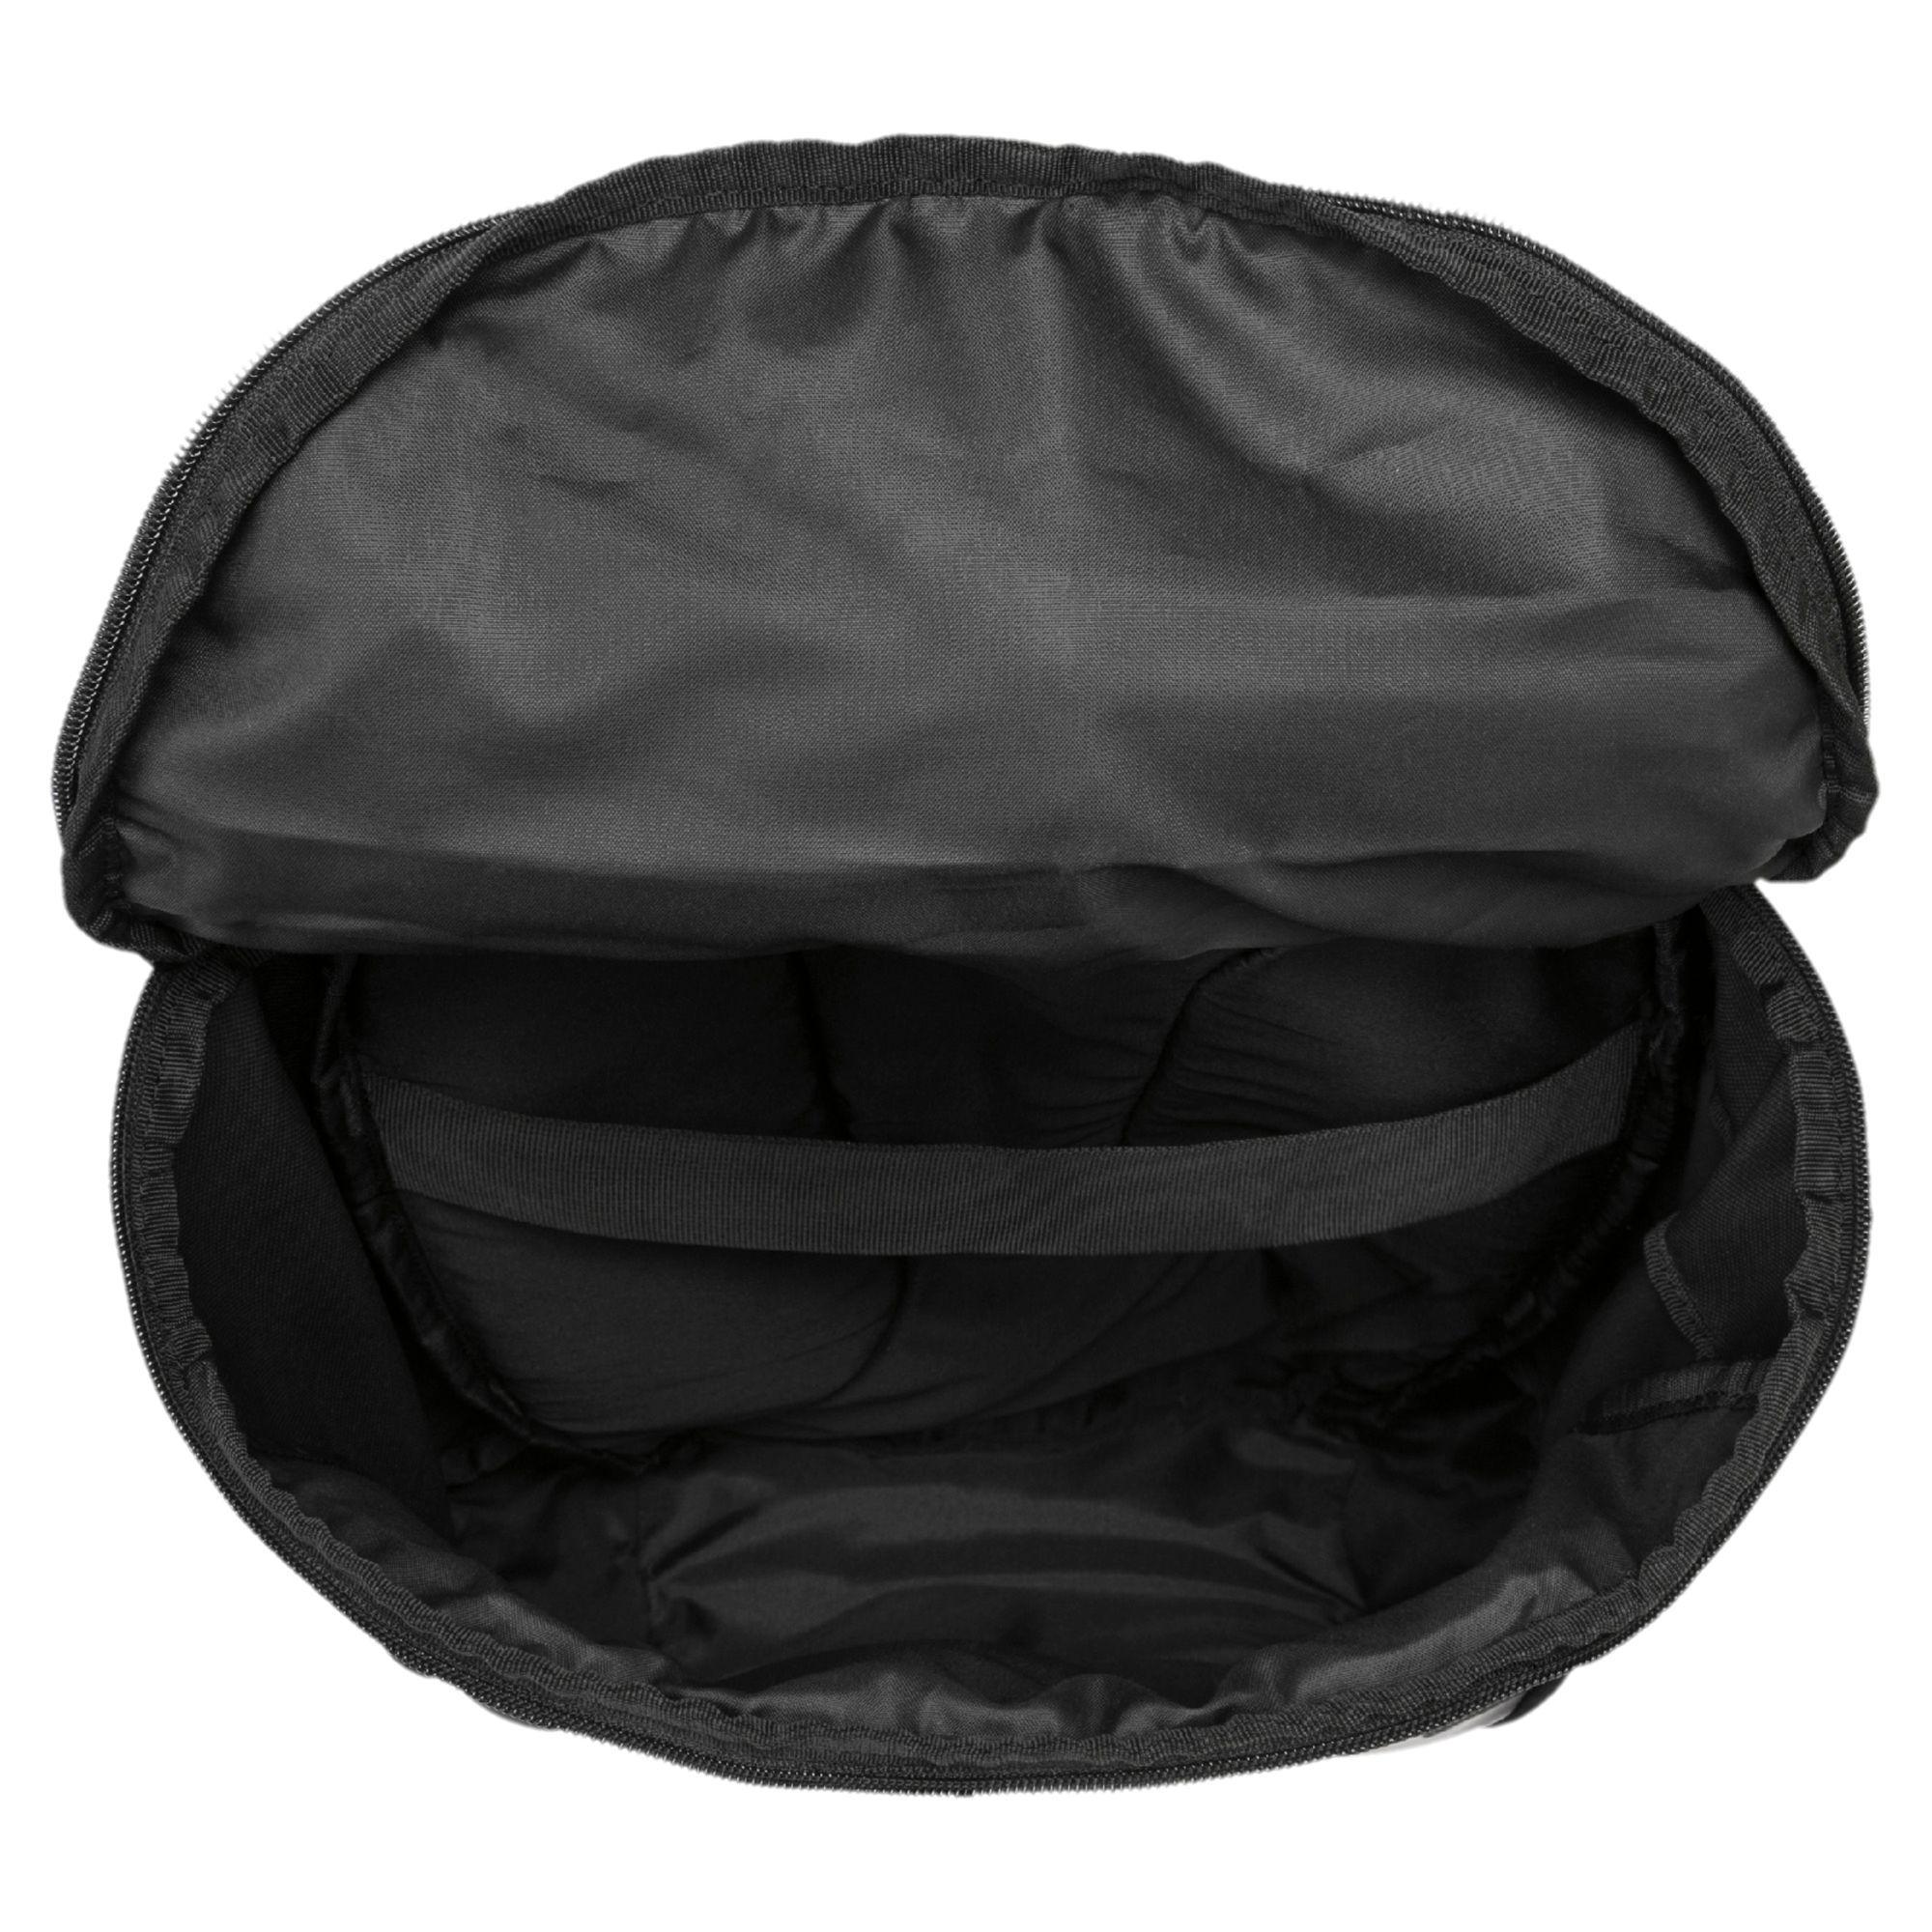 2fcfc3817645 Lyst - PUMA Stance Backpack in Black for Men